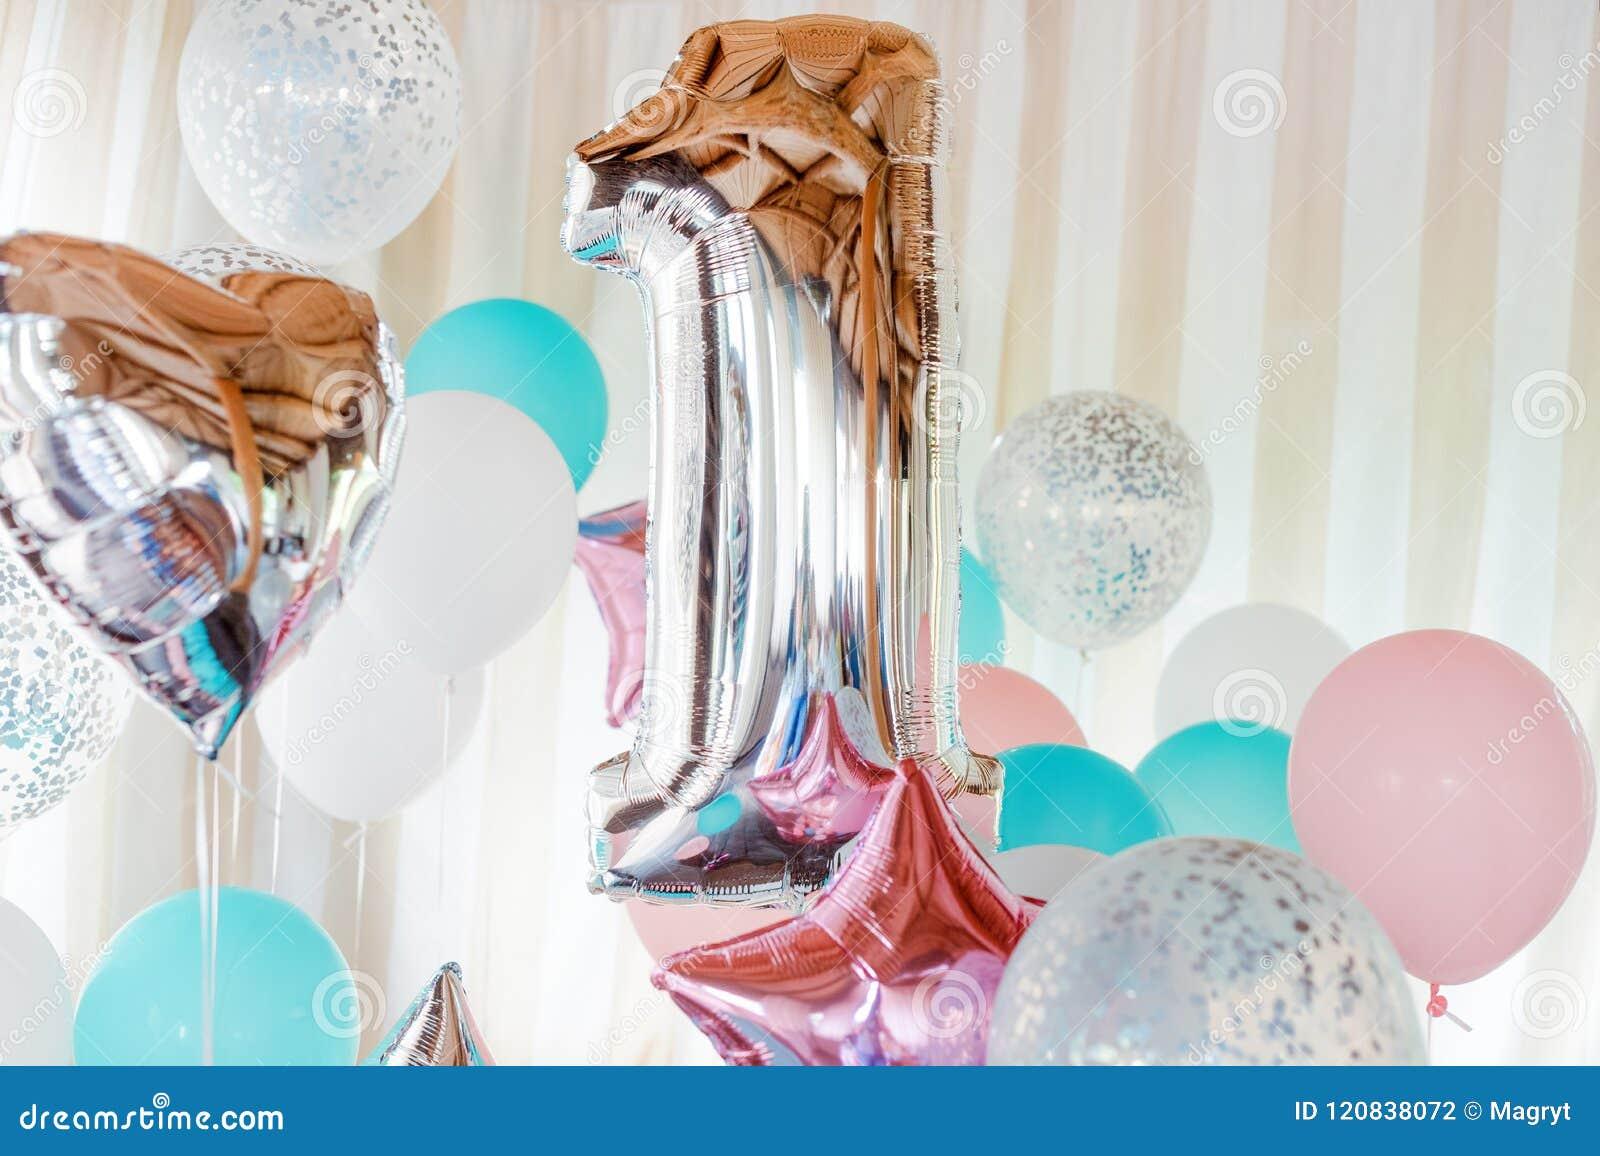 Rosa, Silber und blaue aufblasbare Ballone auf Bändern - Nr. 1 Dekorationen für Geburtstagsfeier Metallischer Designballon